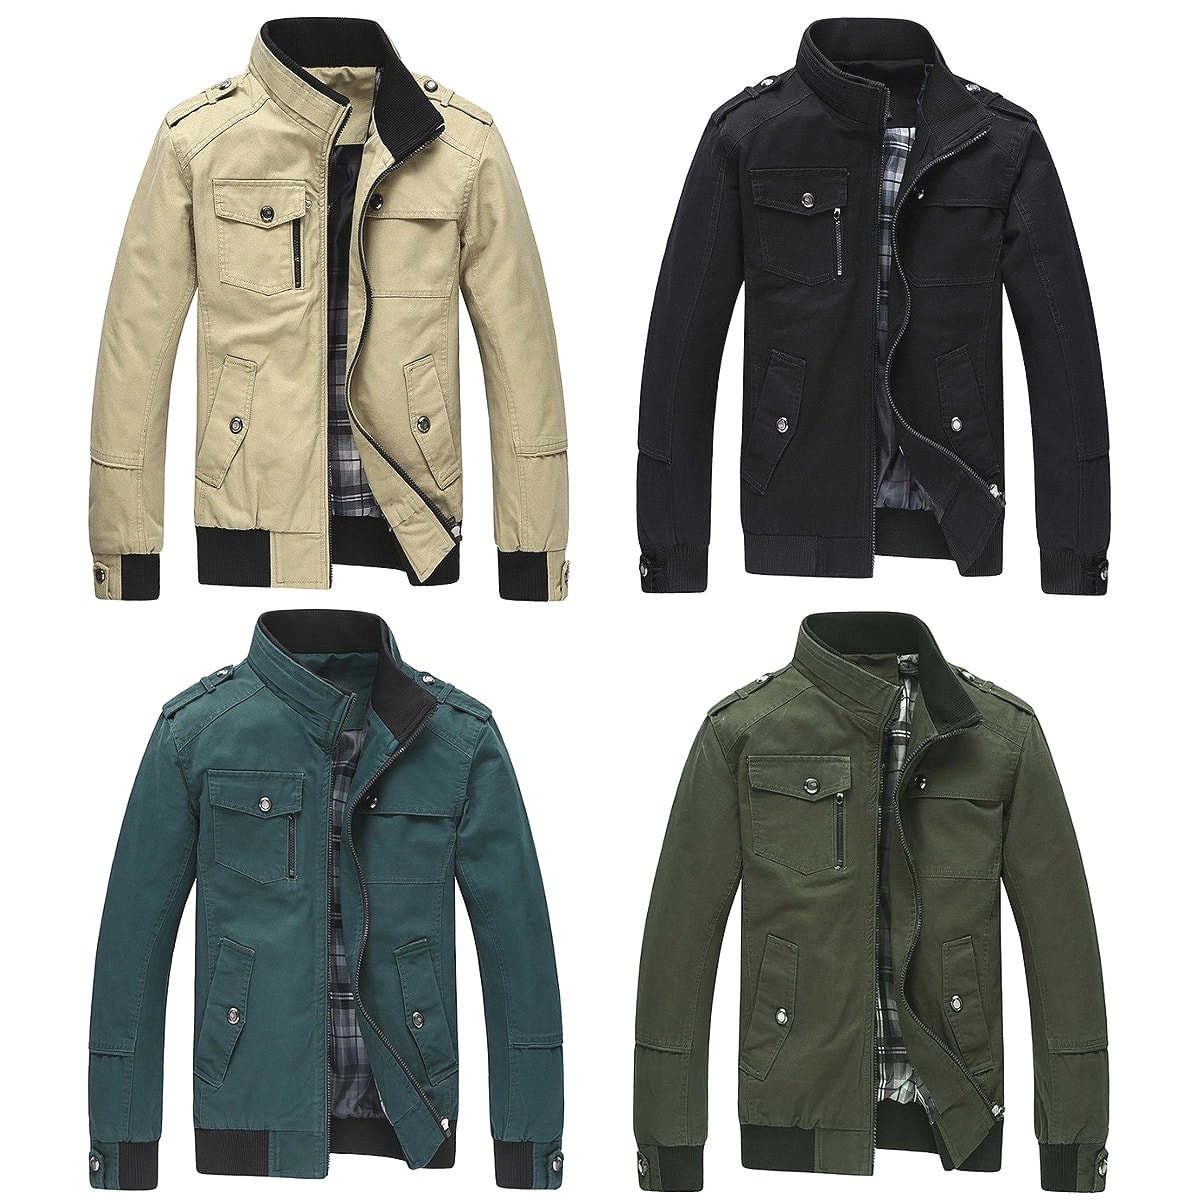 【送料無料!】全4色! ビッグサイズも! [Men's Stand Collar Military Jacket] メンズ スタンドカラーミリタリージャケット! フライトボンバージャケット マウンテンパーカー アメカジ アーミー コート リブ袖 ブルゾン ジャンパー 大きいサイズ バイクに!